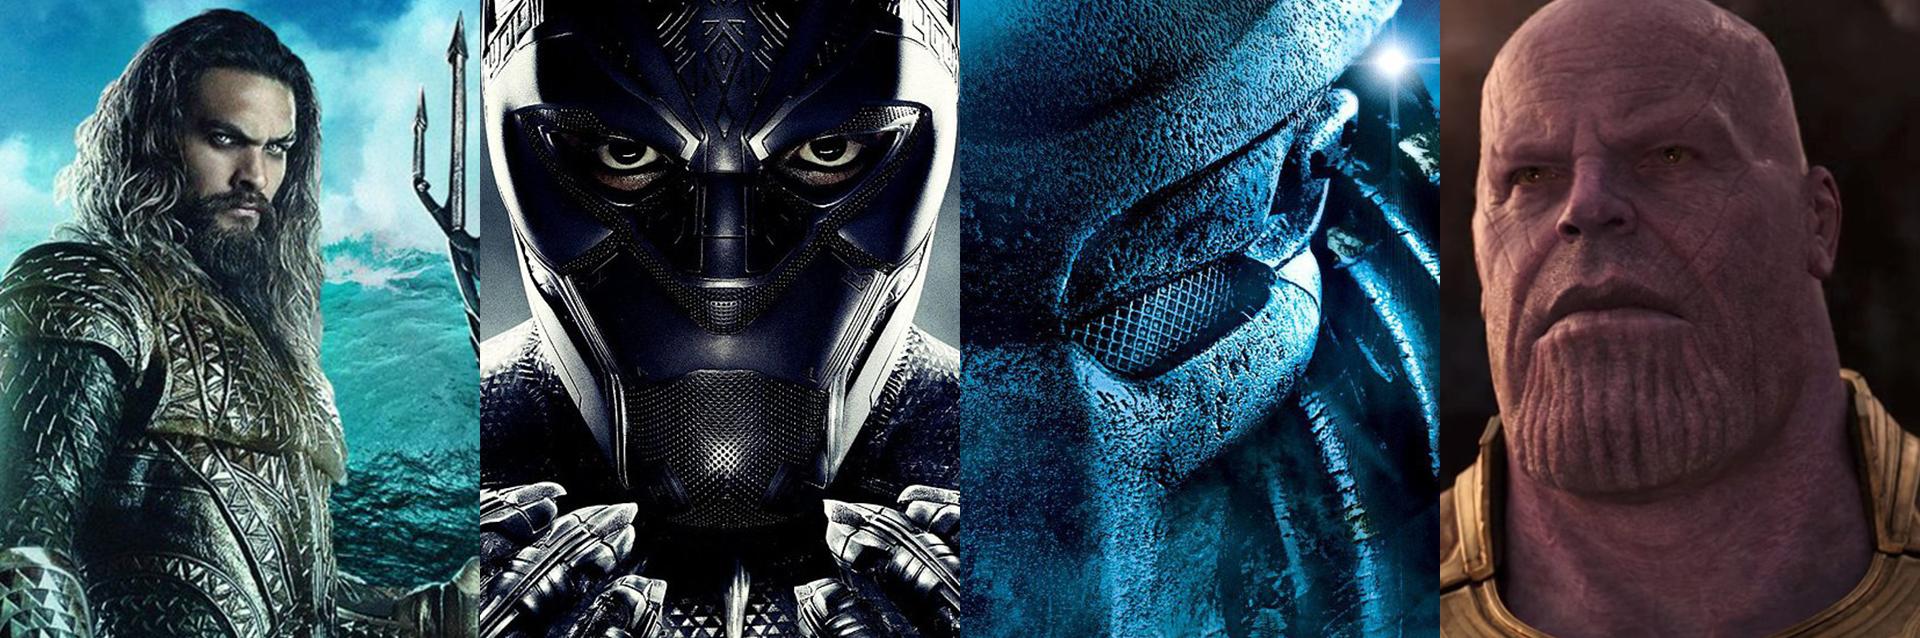 Voici les 10 films de science-fiction les plus attendus en 2018